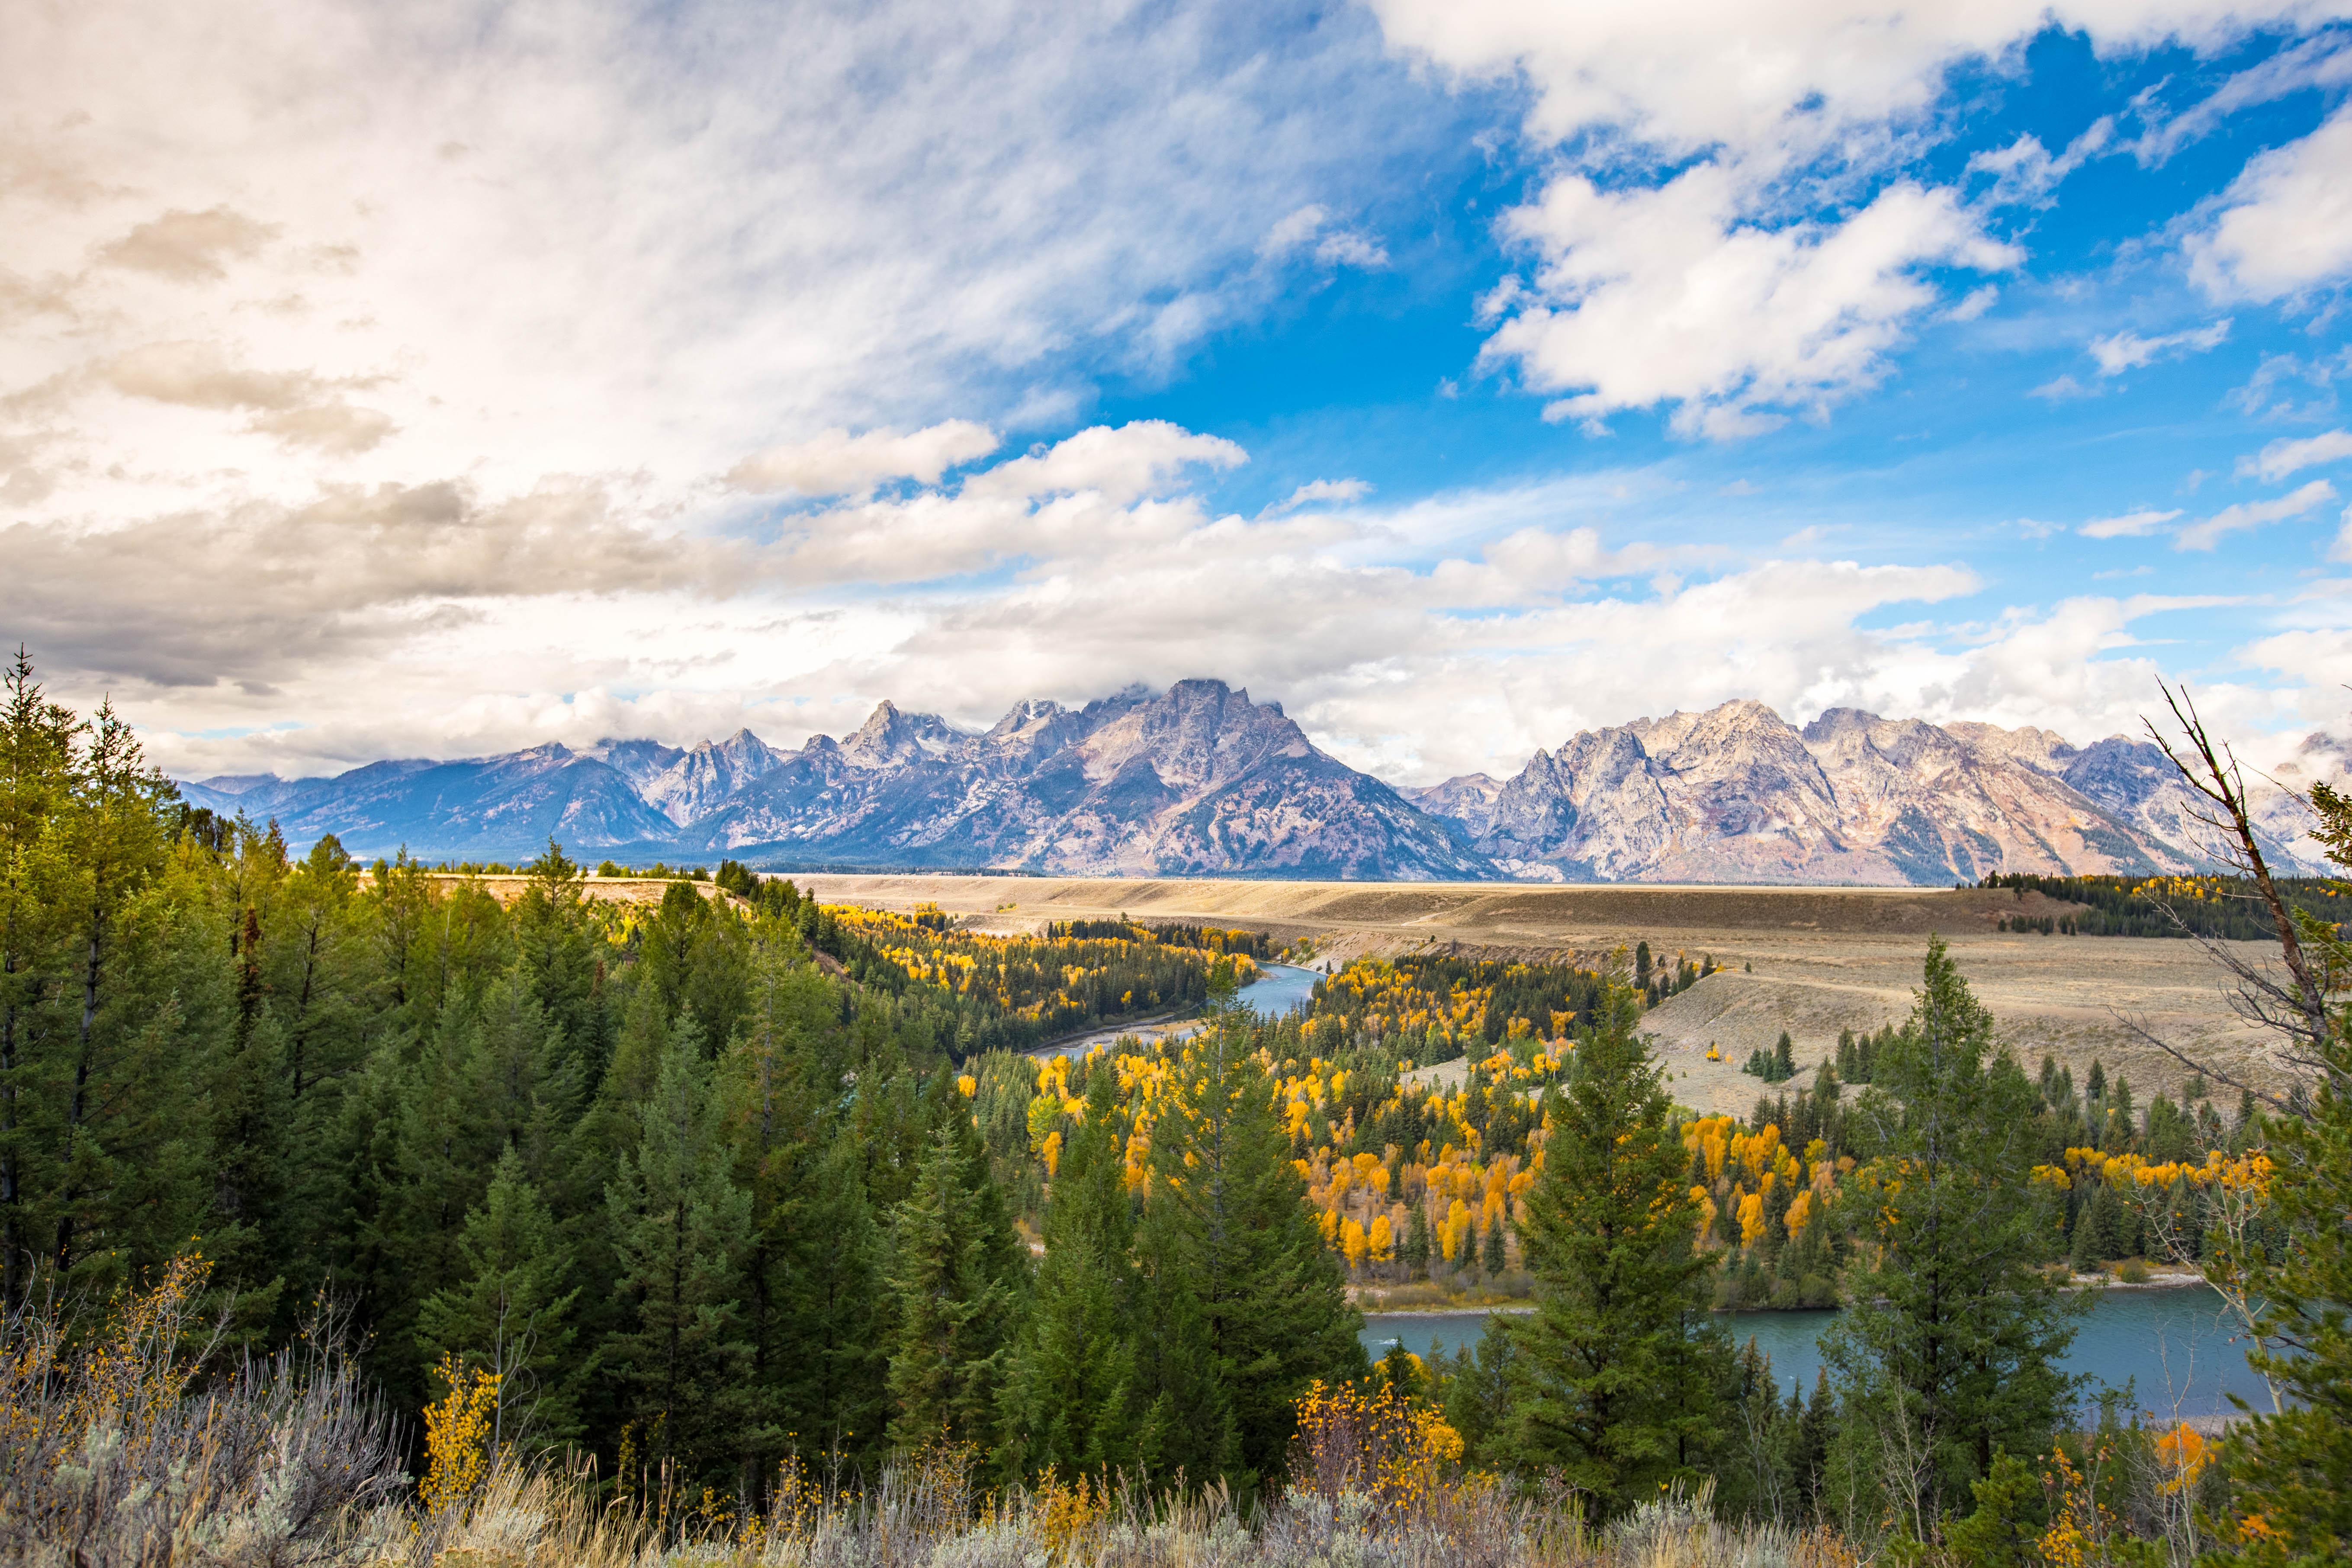 Vista do parque nacional de Grand Teton